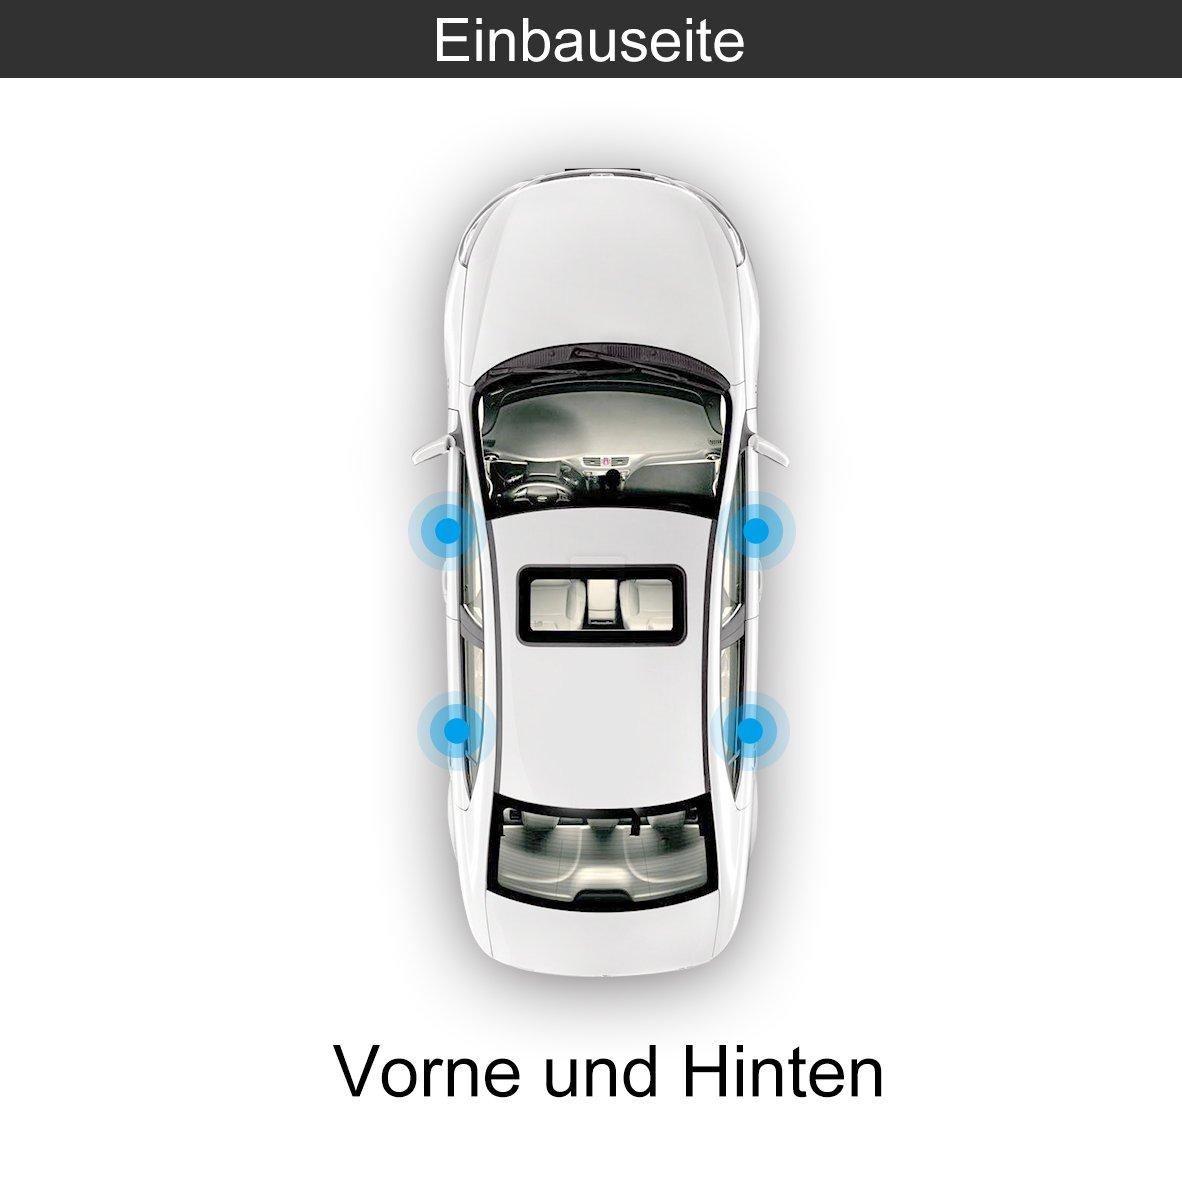 4x Fensterheber Ohne Motor Hinten und Vorne Links und Rechts 3er E46 316 318 320 323 325 328 330 Kombi